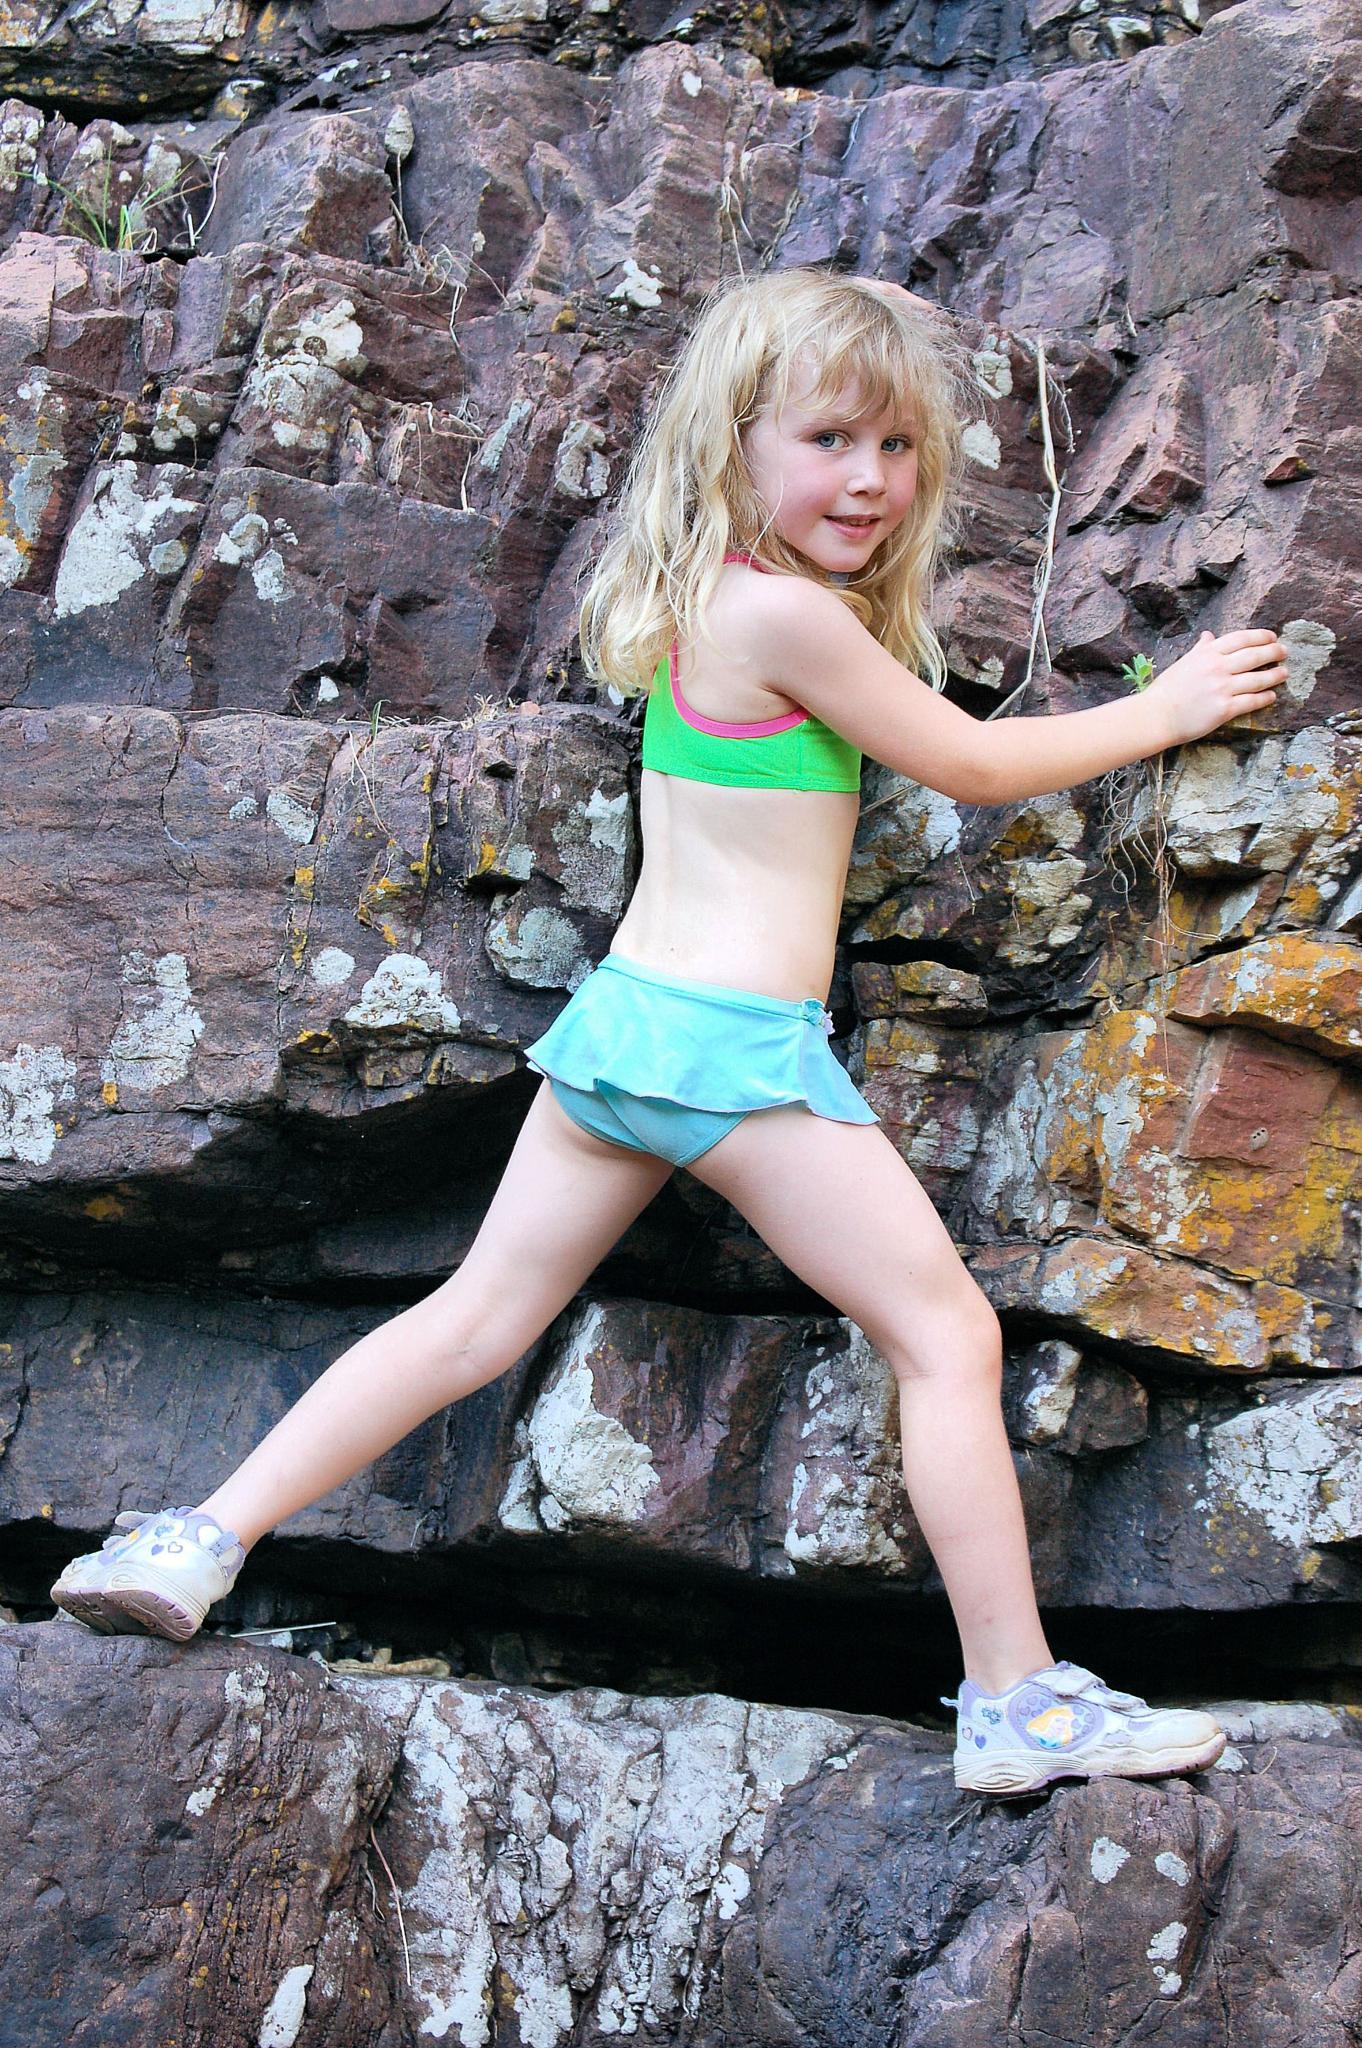 Adventerous Child by Zoid359WA